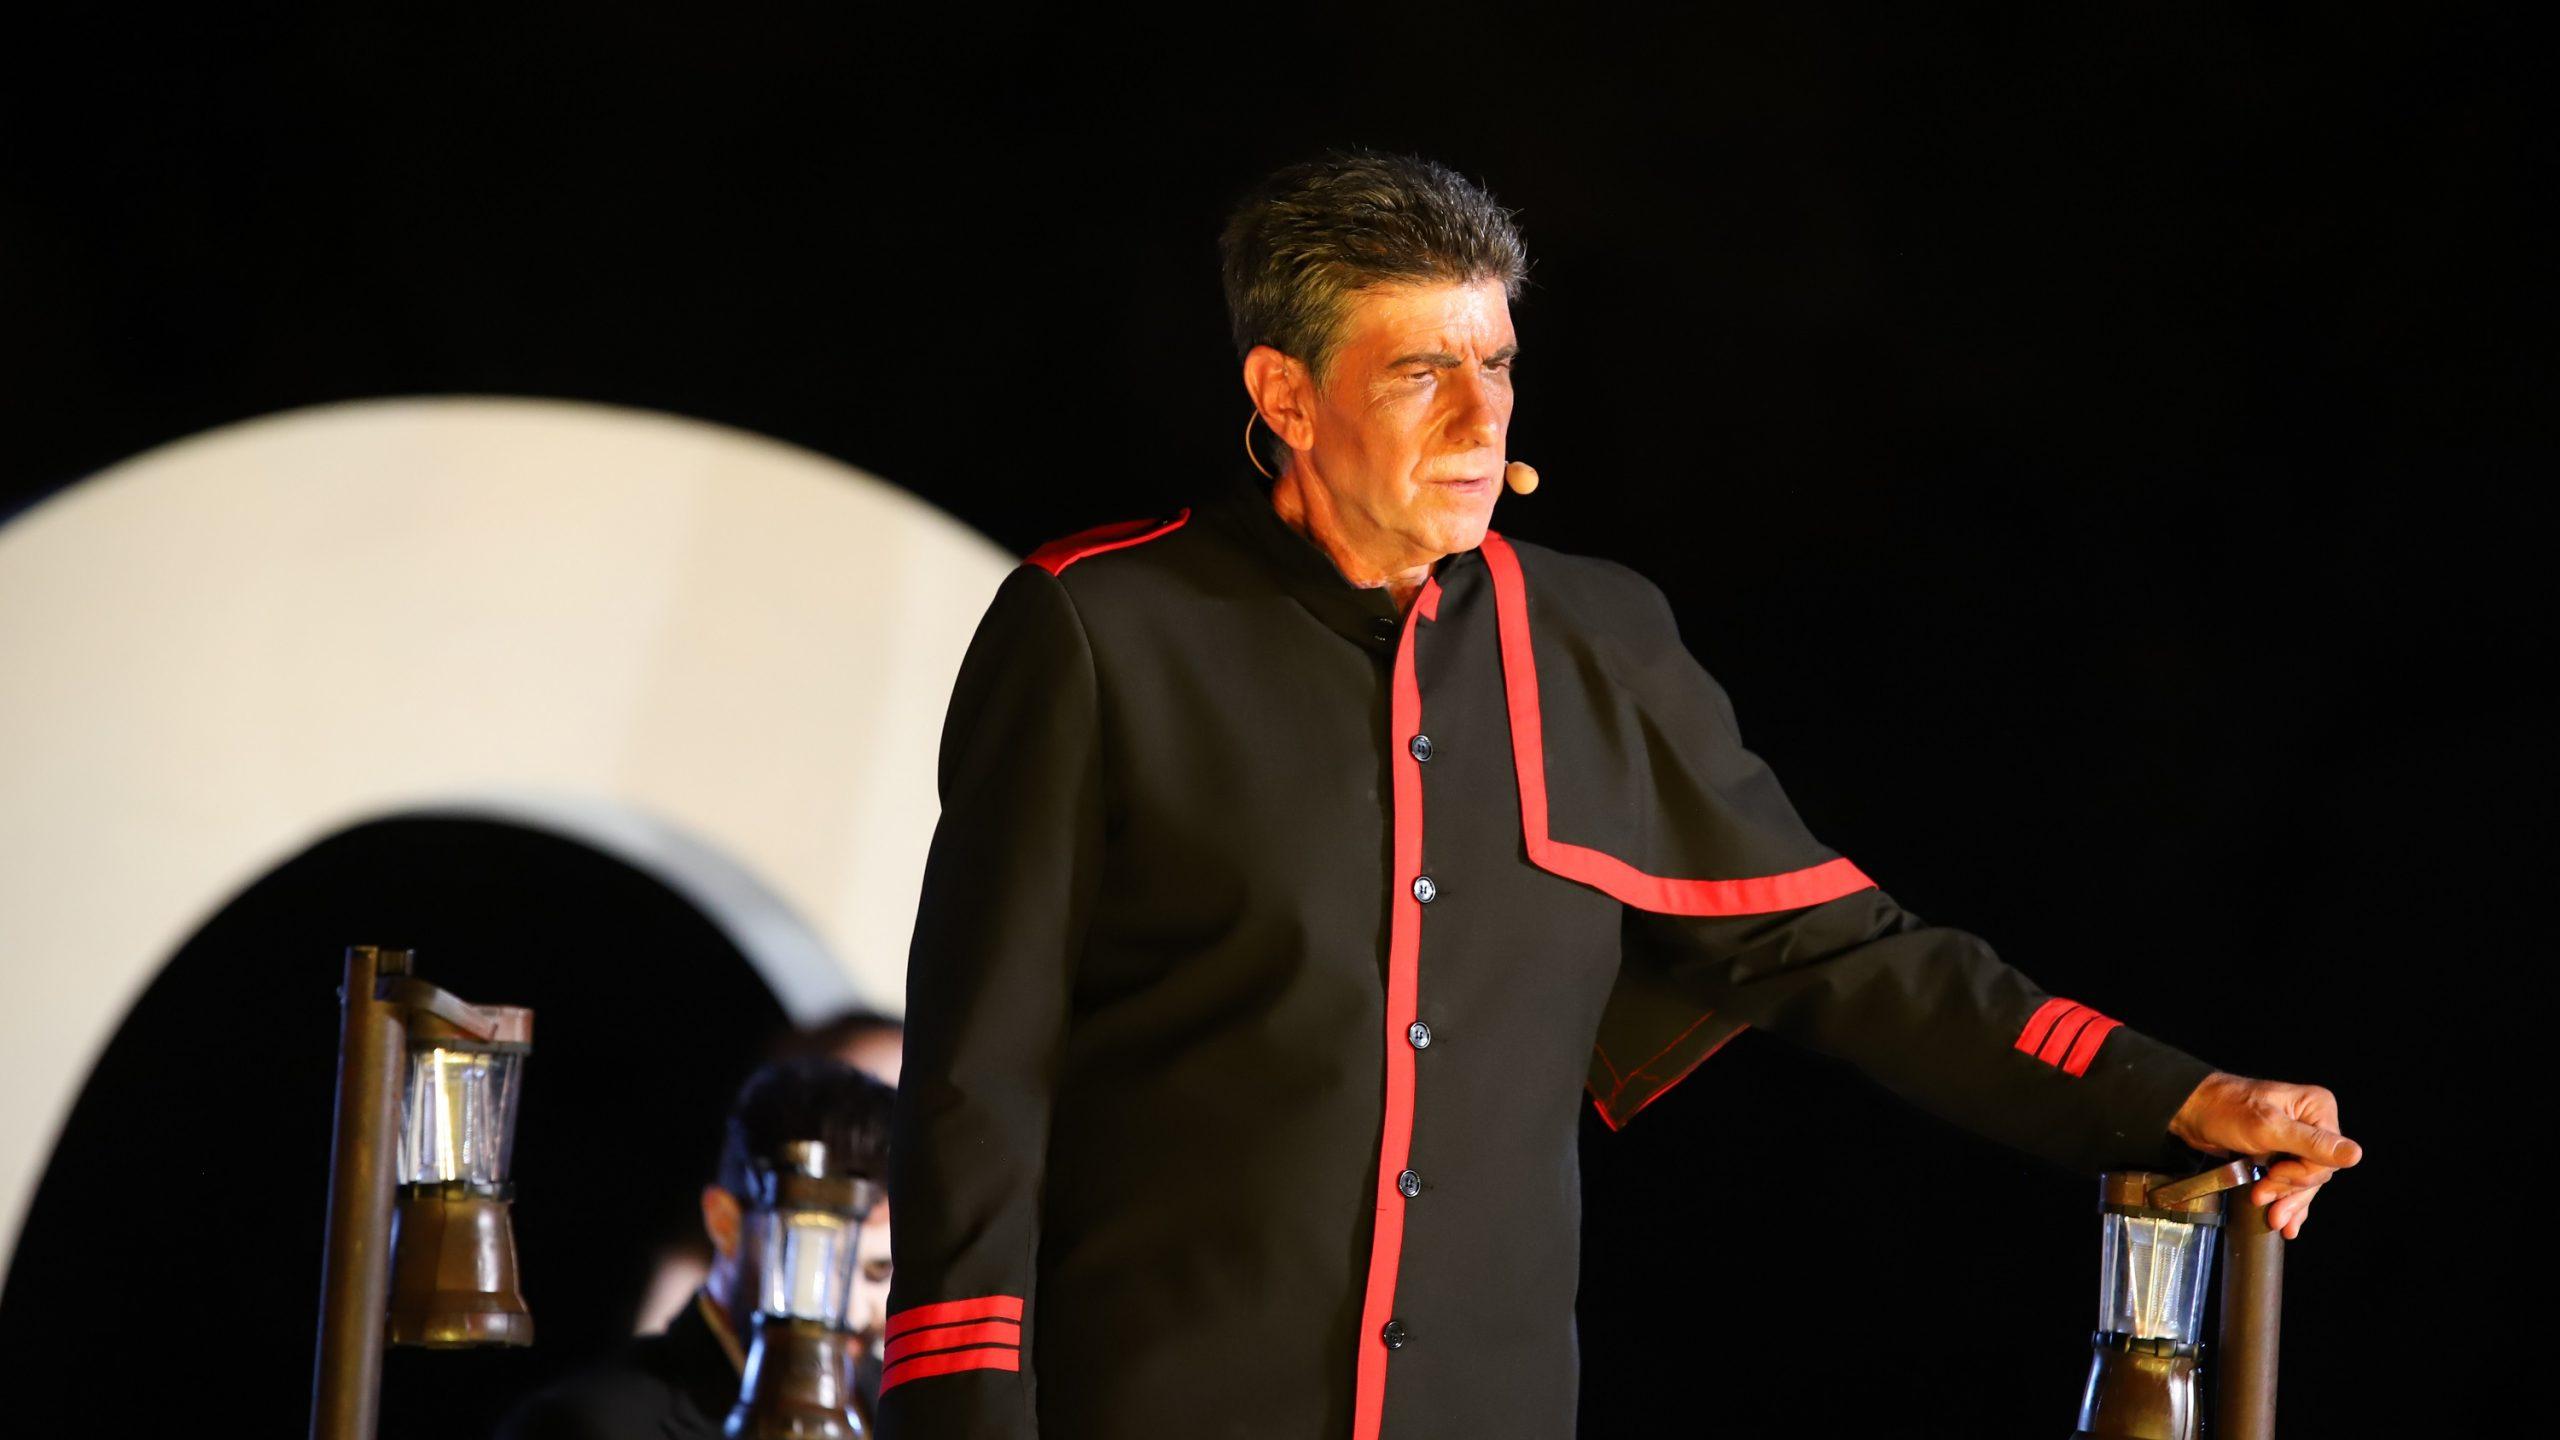 Οθέλλος - Γιάννης Μπέζος